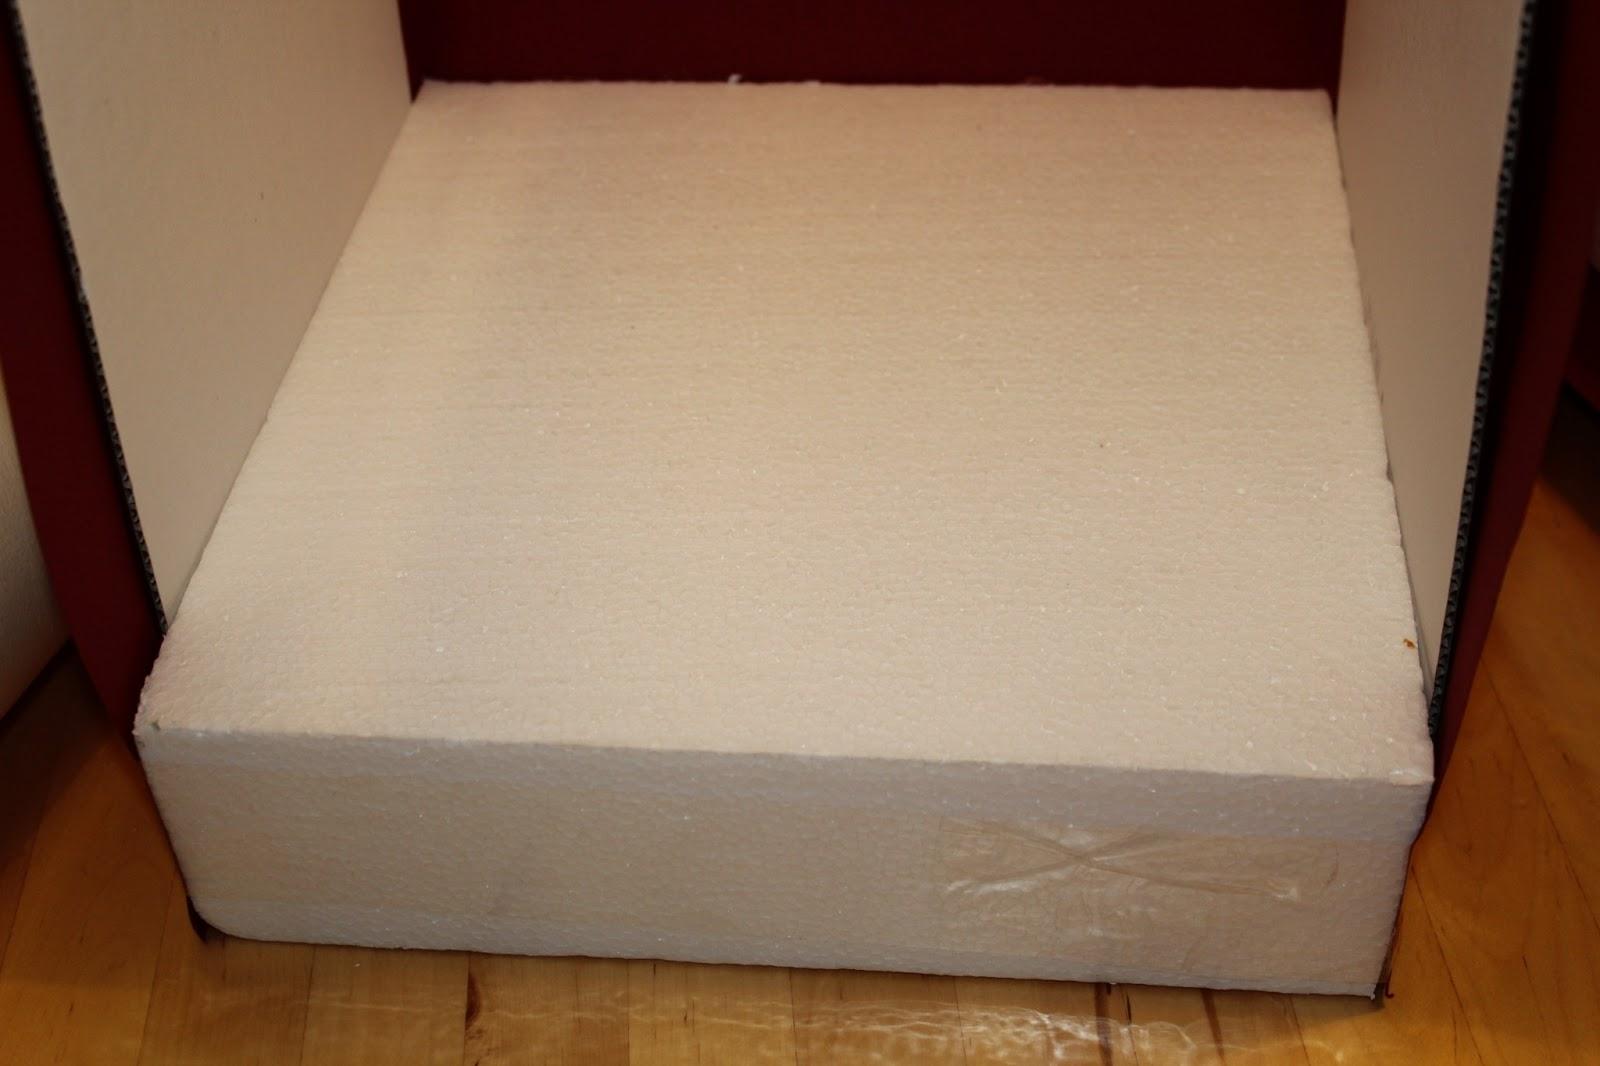 Sugarclo i pasticci di clo come costruire una scatola - Costruire una porta a libro fai da te ...